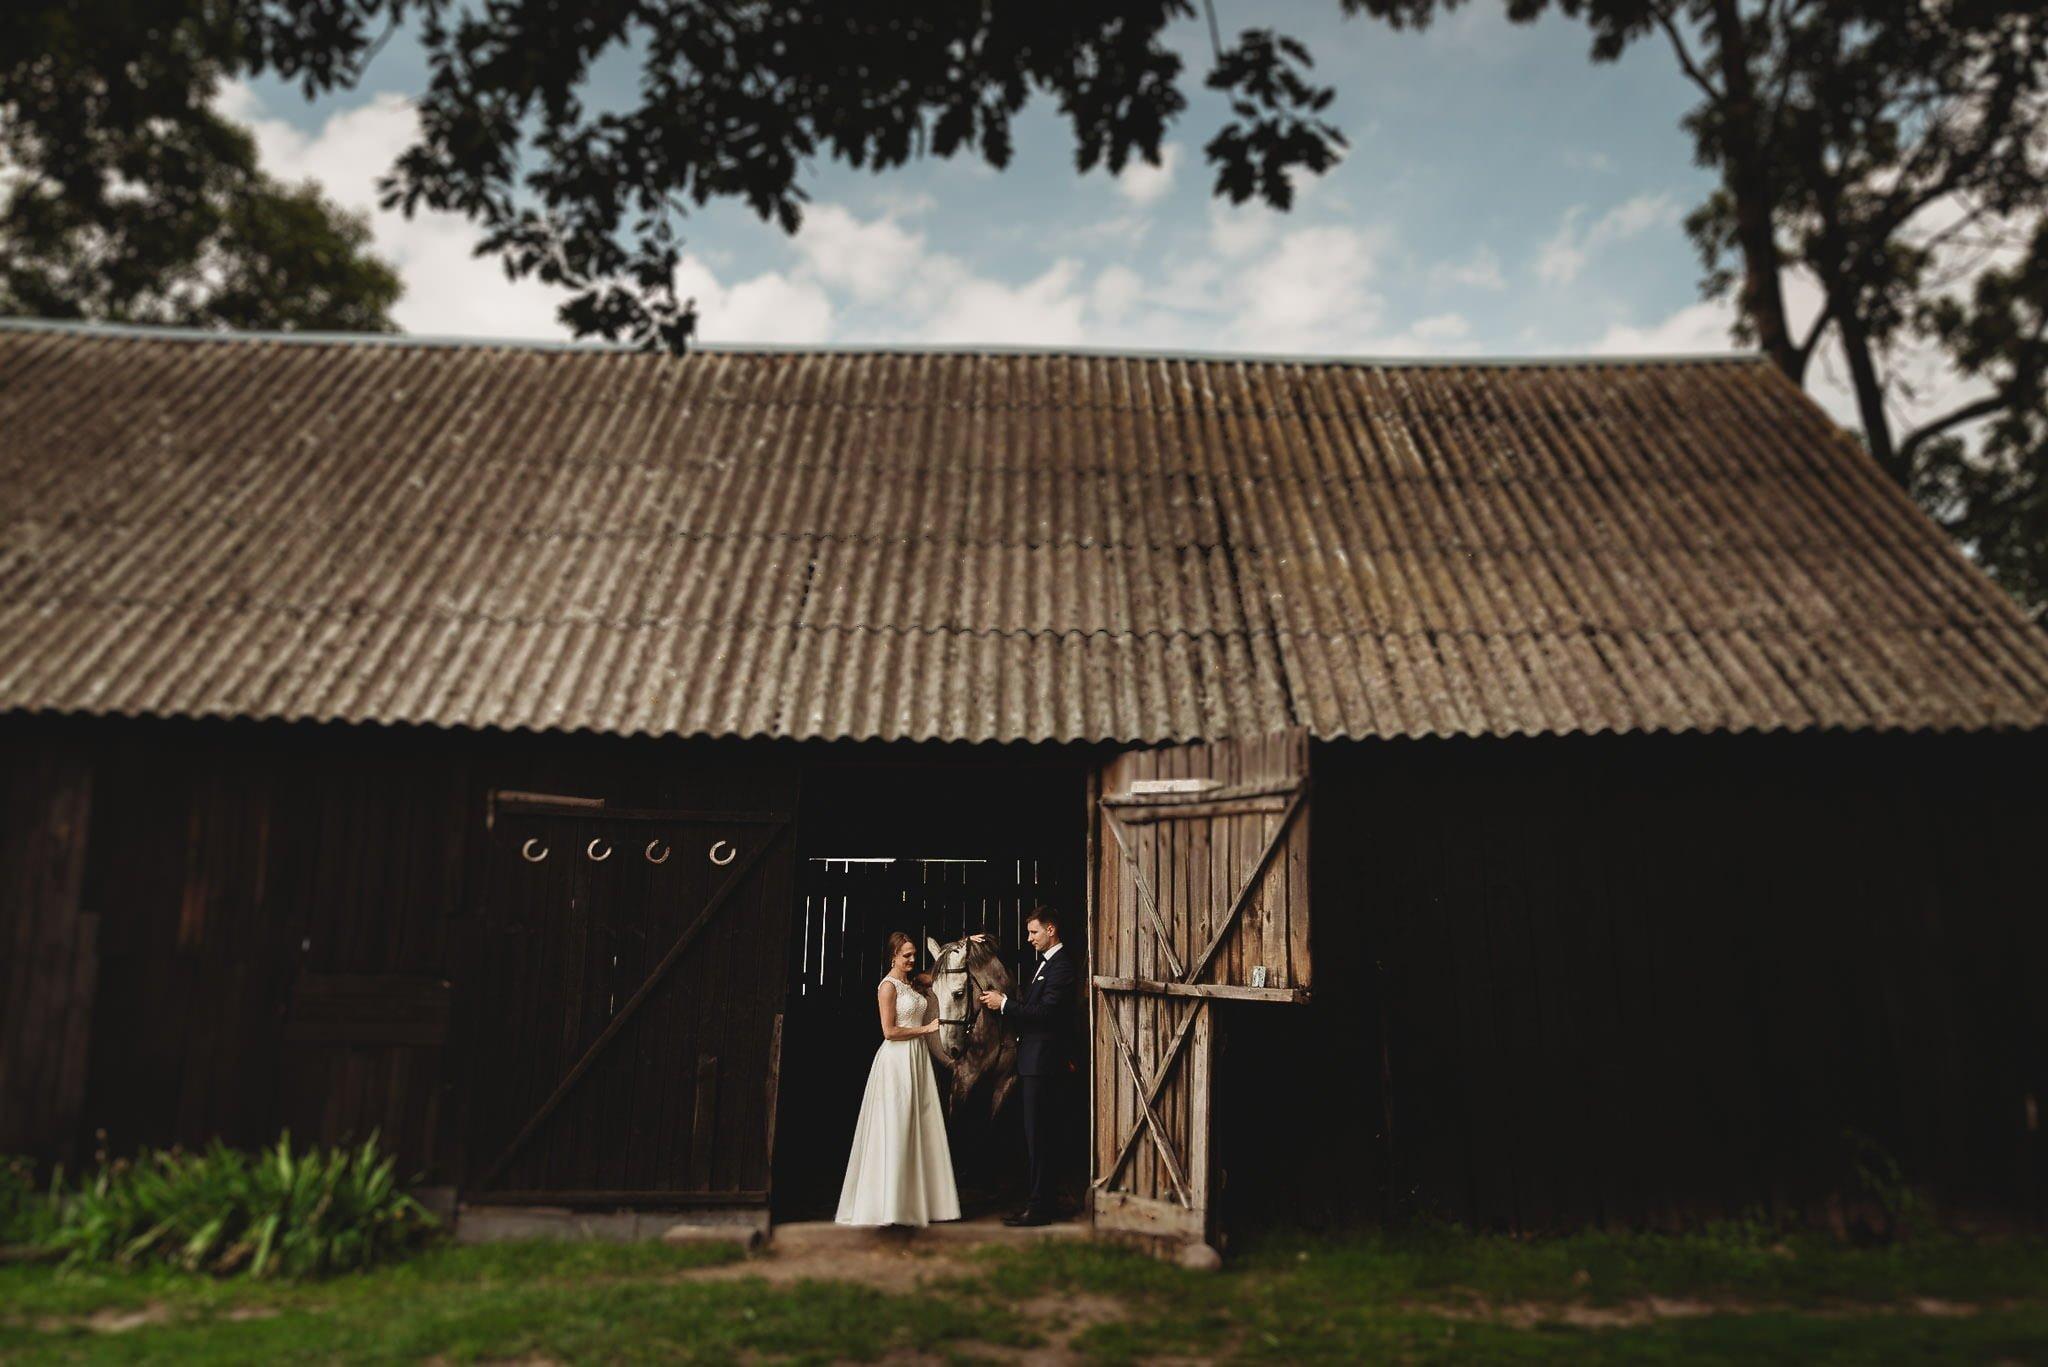 Monika i Michał, wesele w Paryżu i sesja plenerowa w stadninie koni w Czołowie 384